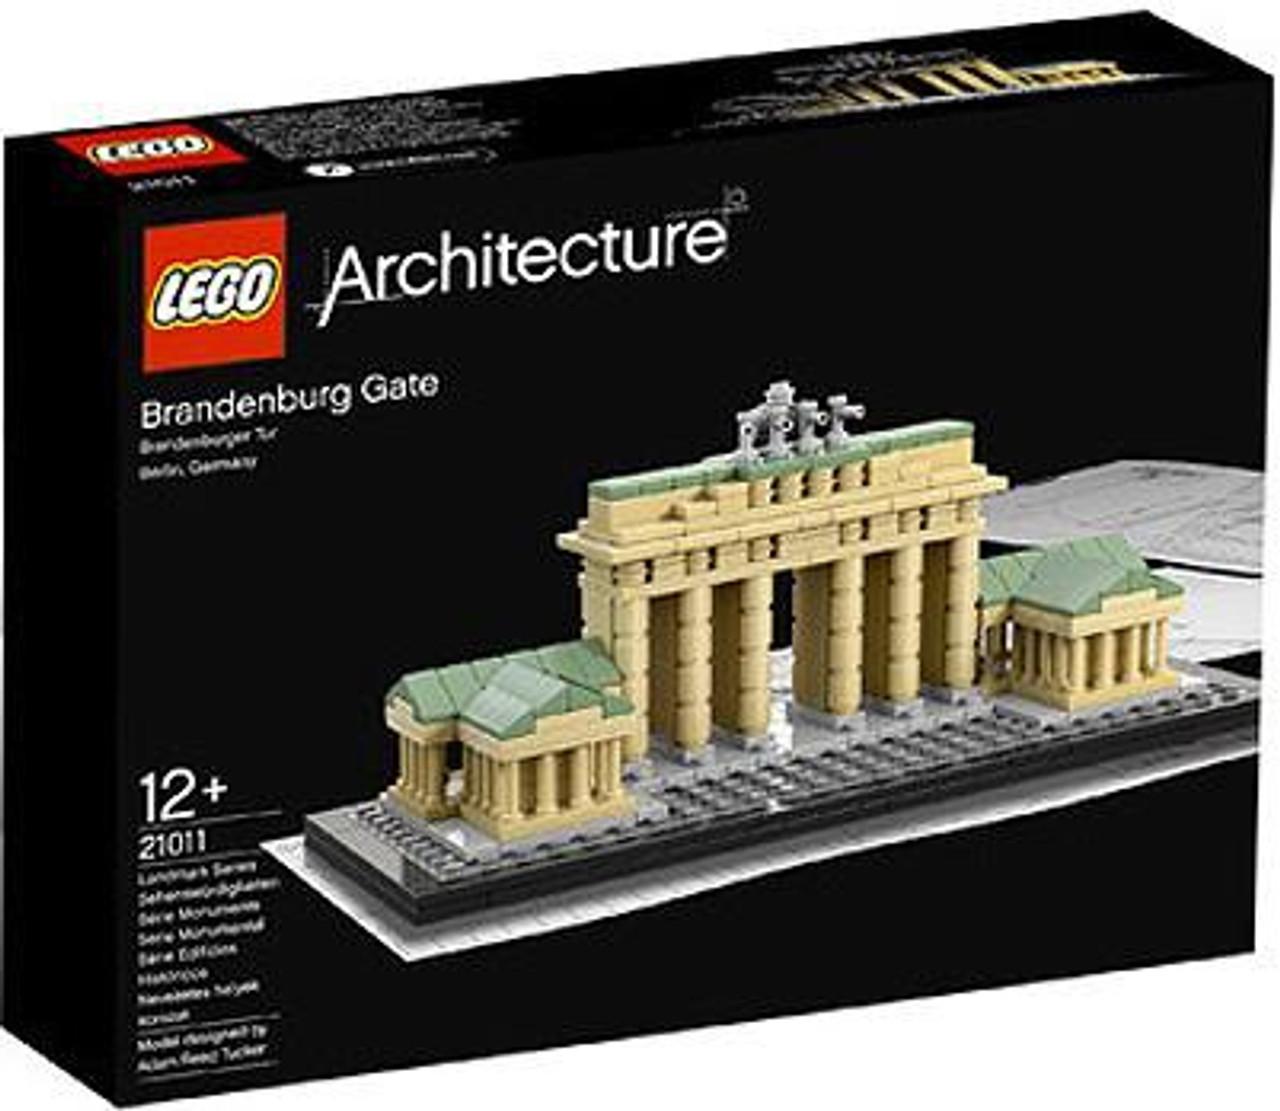 LEGO Architecture Brandenburg Gate Set #21011